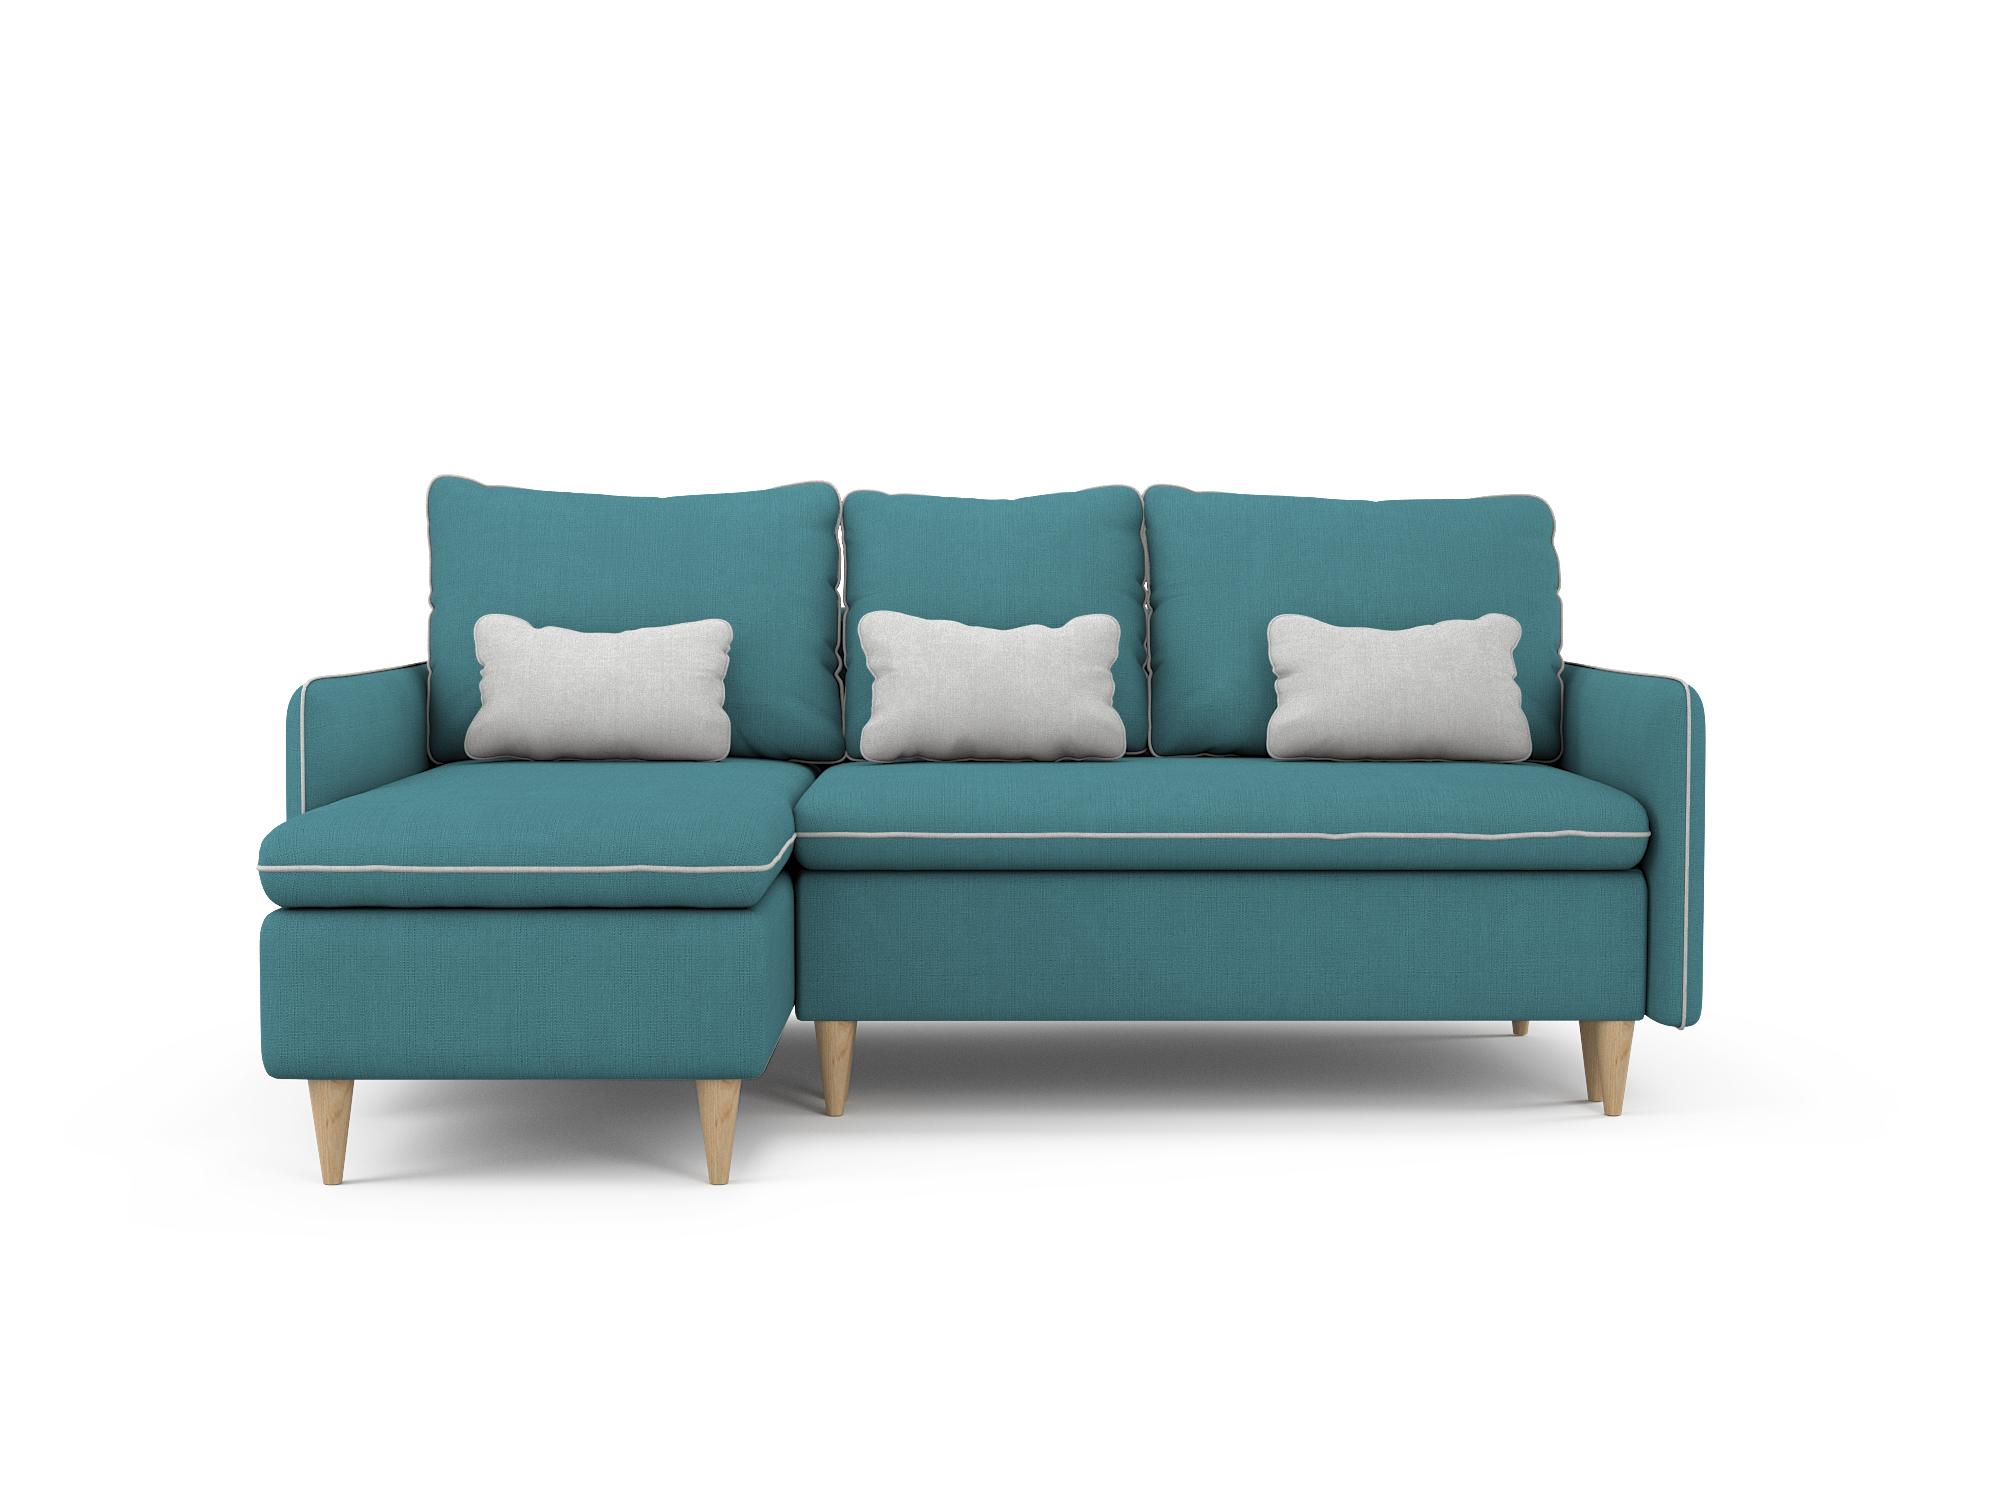 того, рассказали угловые диваны с берюзовава желтыми подушками фото понадобится вам штатив